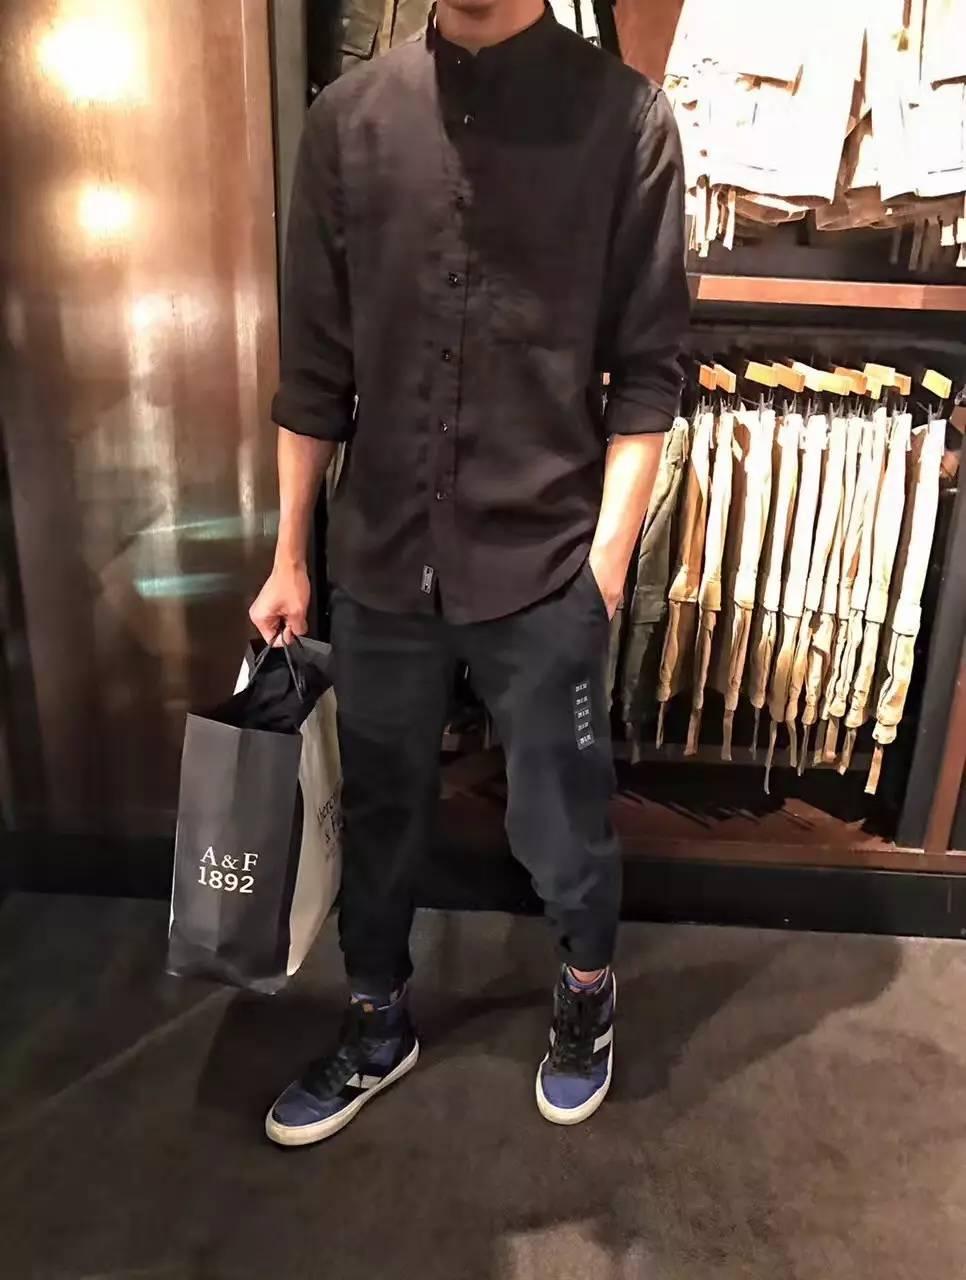 小立领衬衫男短袖亚麻衬衫男士休闲风青年潮流款式... _阿里巴巴